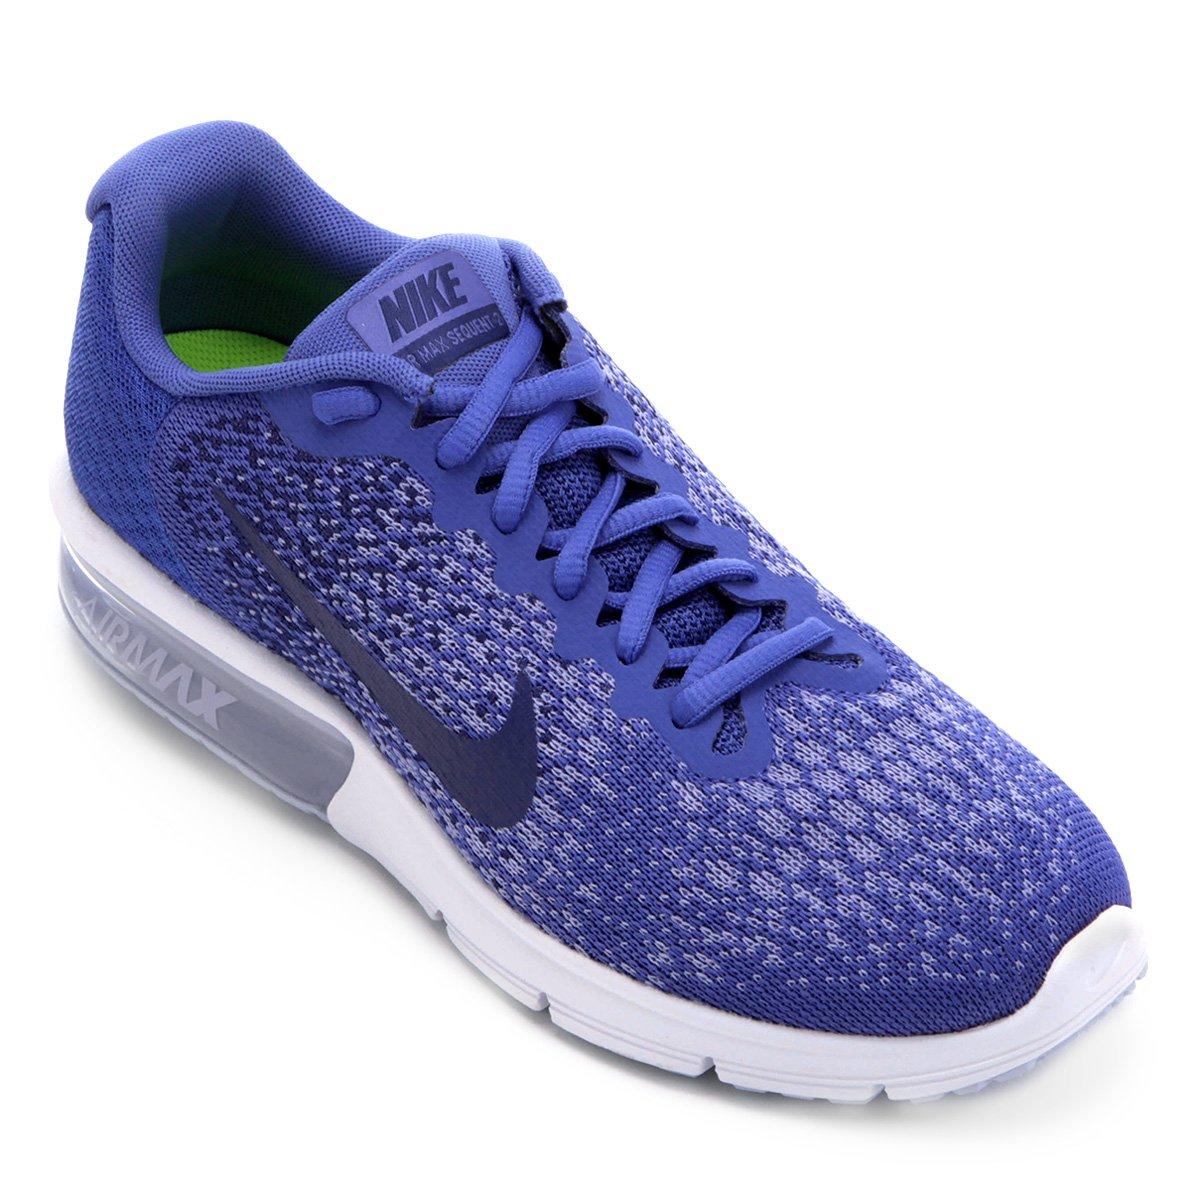 Tênis Nike Air Max Sequent 2 Feminino - Azul Royal - Compre Agora ... de42cb459b080